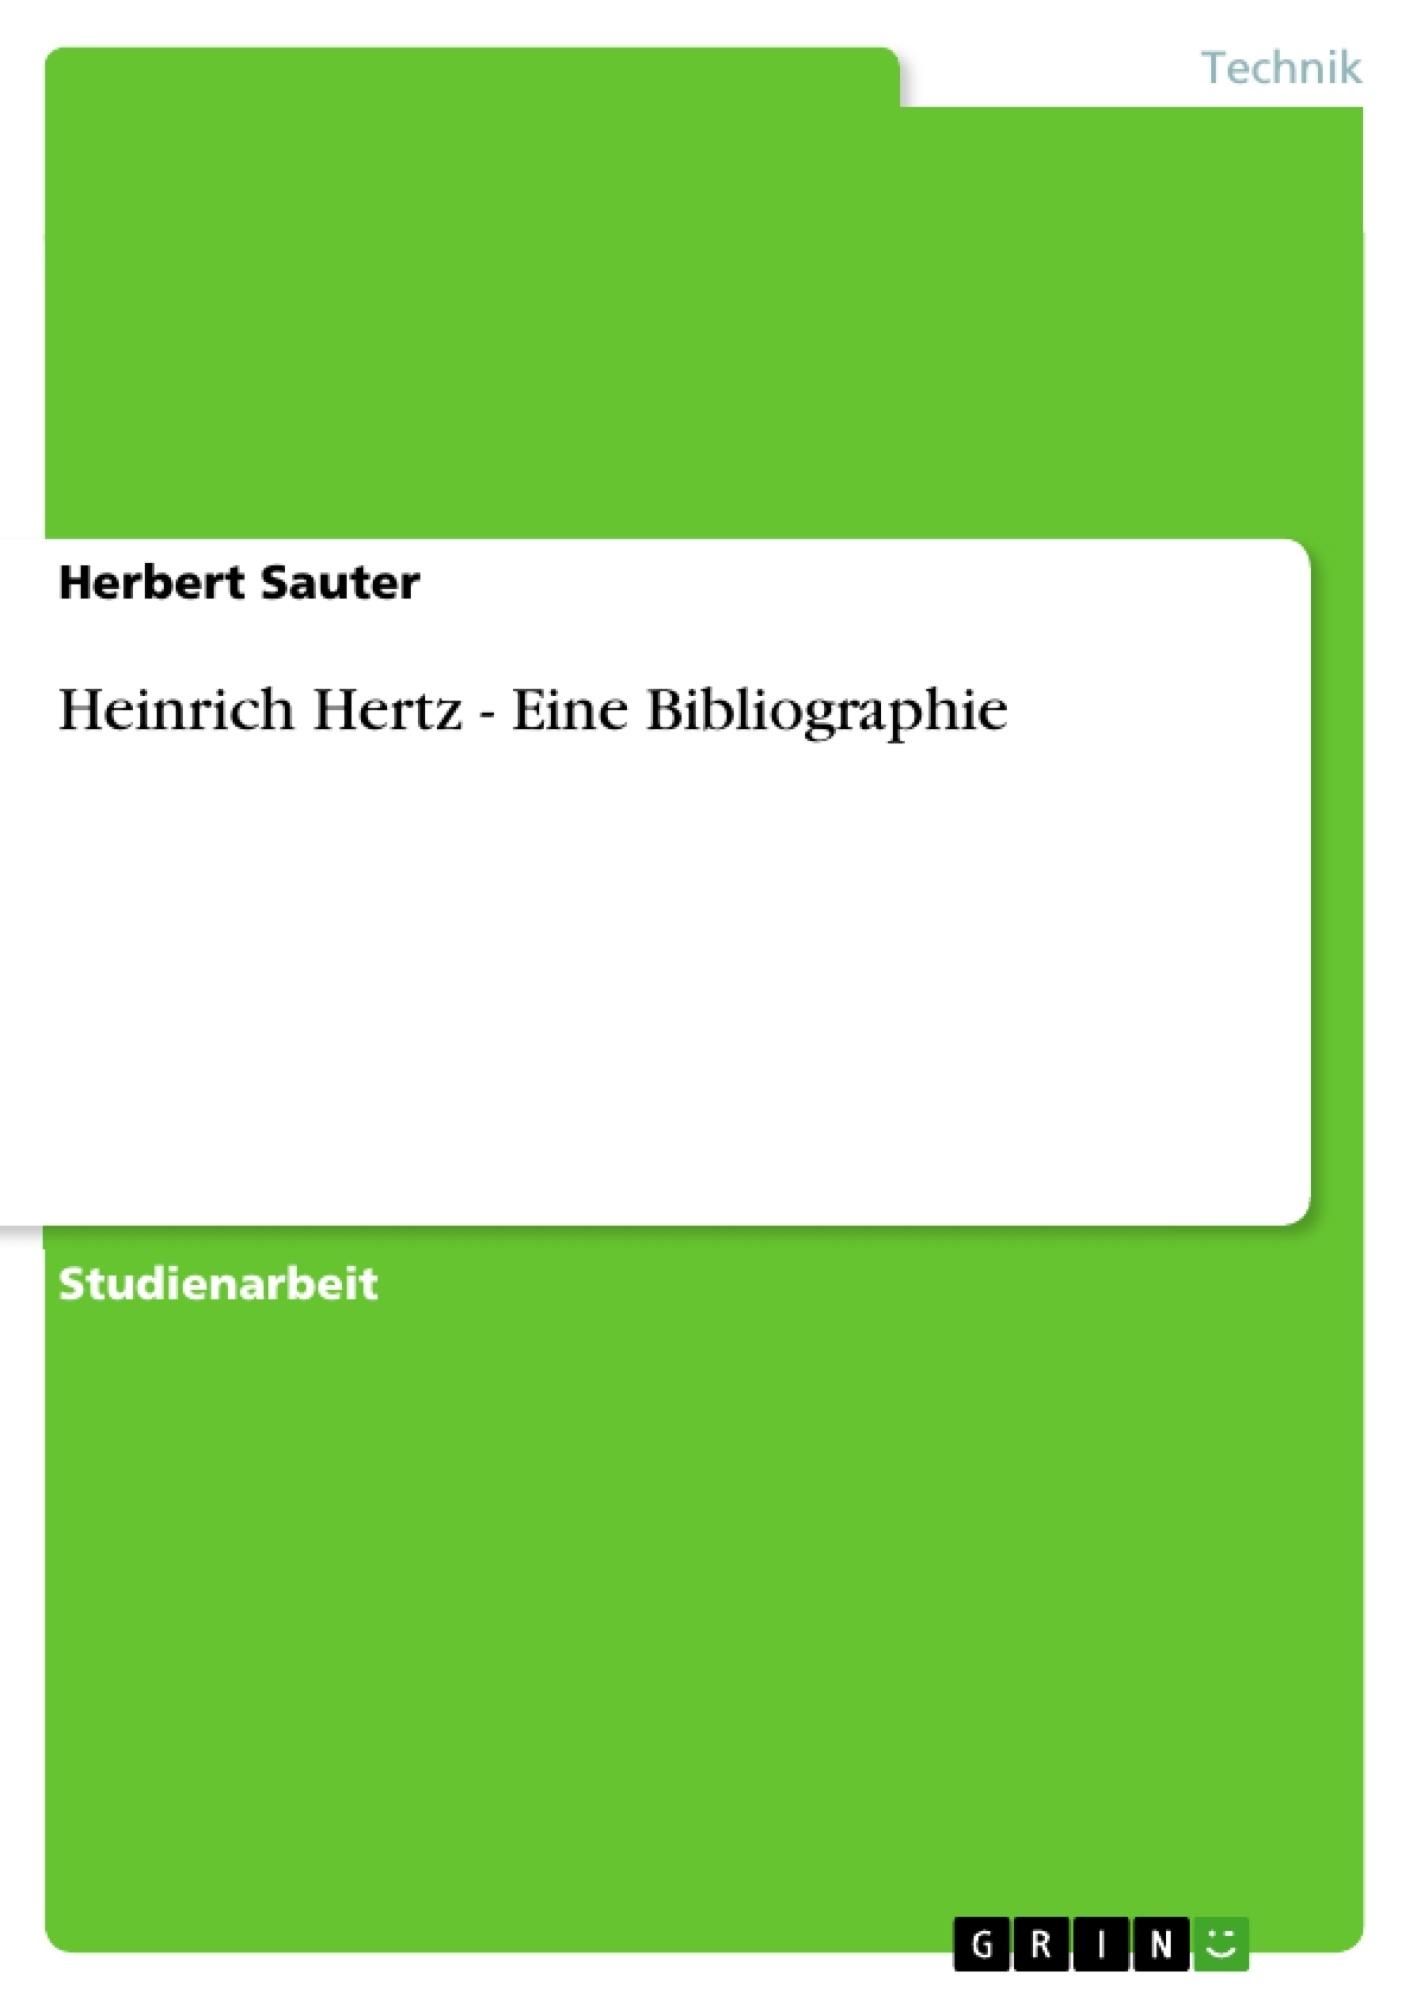 Titel: Heinrich Hertz - Eine Bibliographie